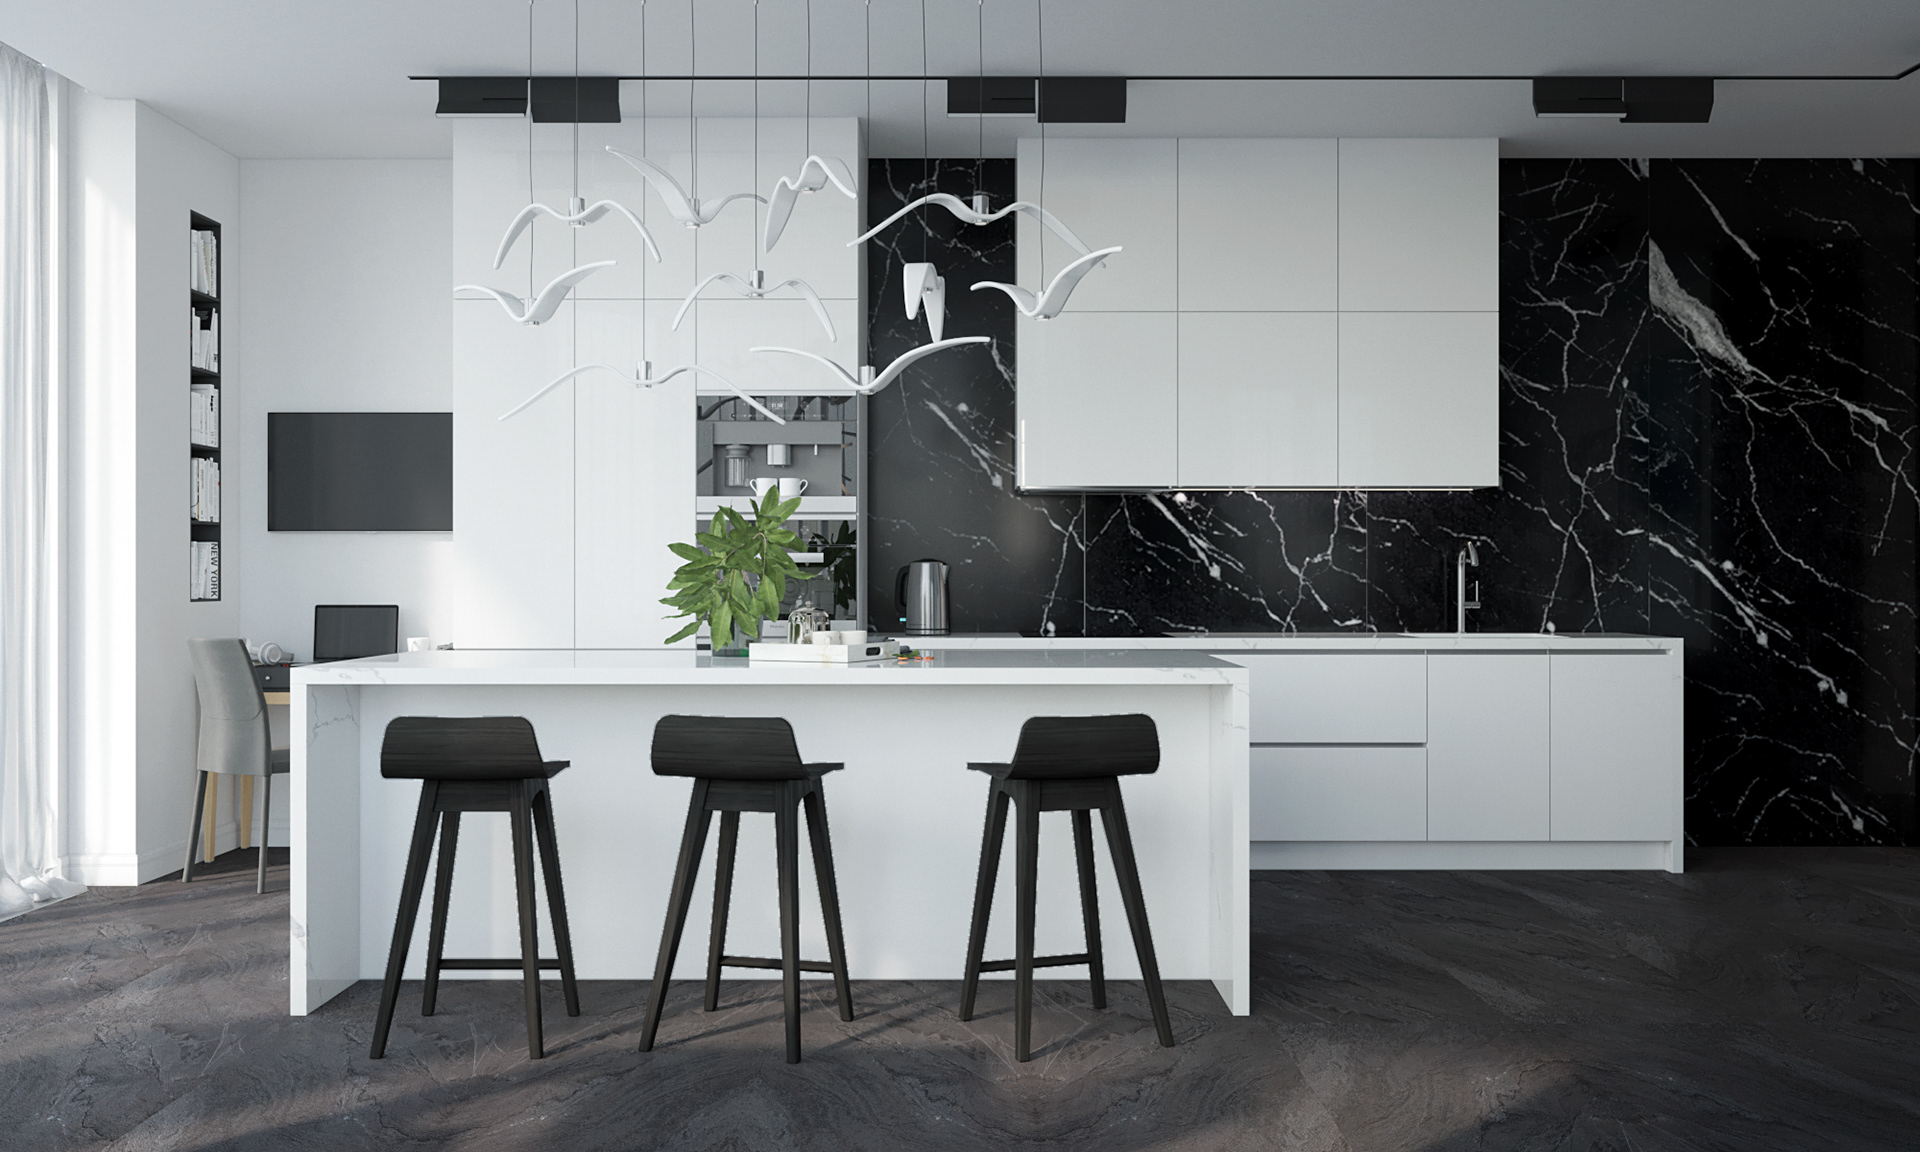 4 Inspirasi Desain Dapur Mewah yang Elegan  Mana yang Paling Keren?